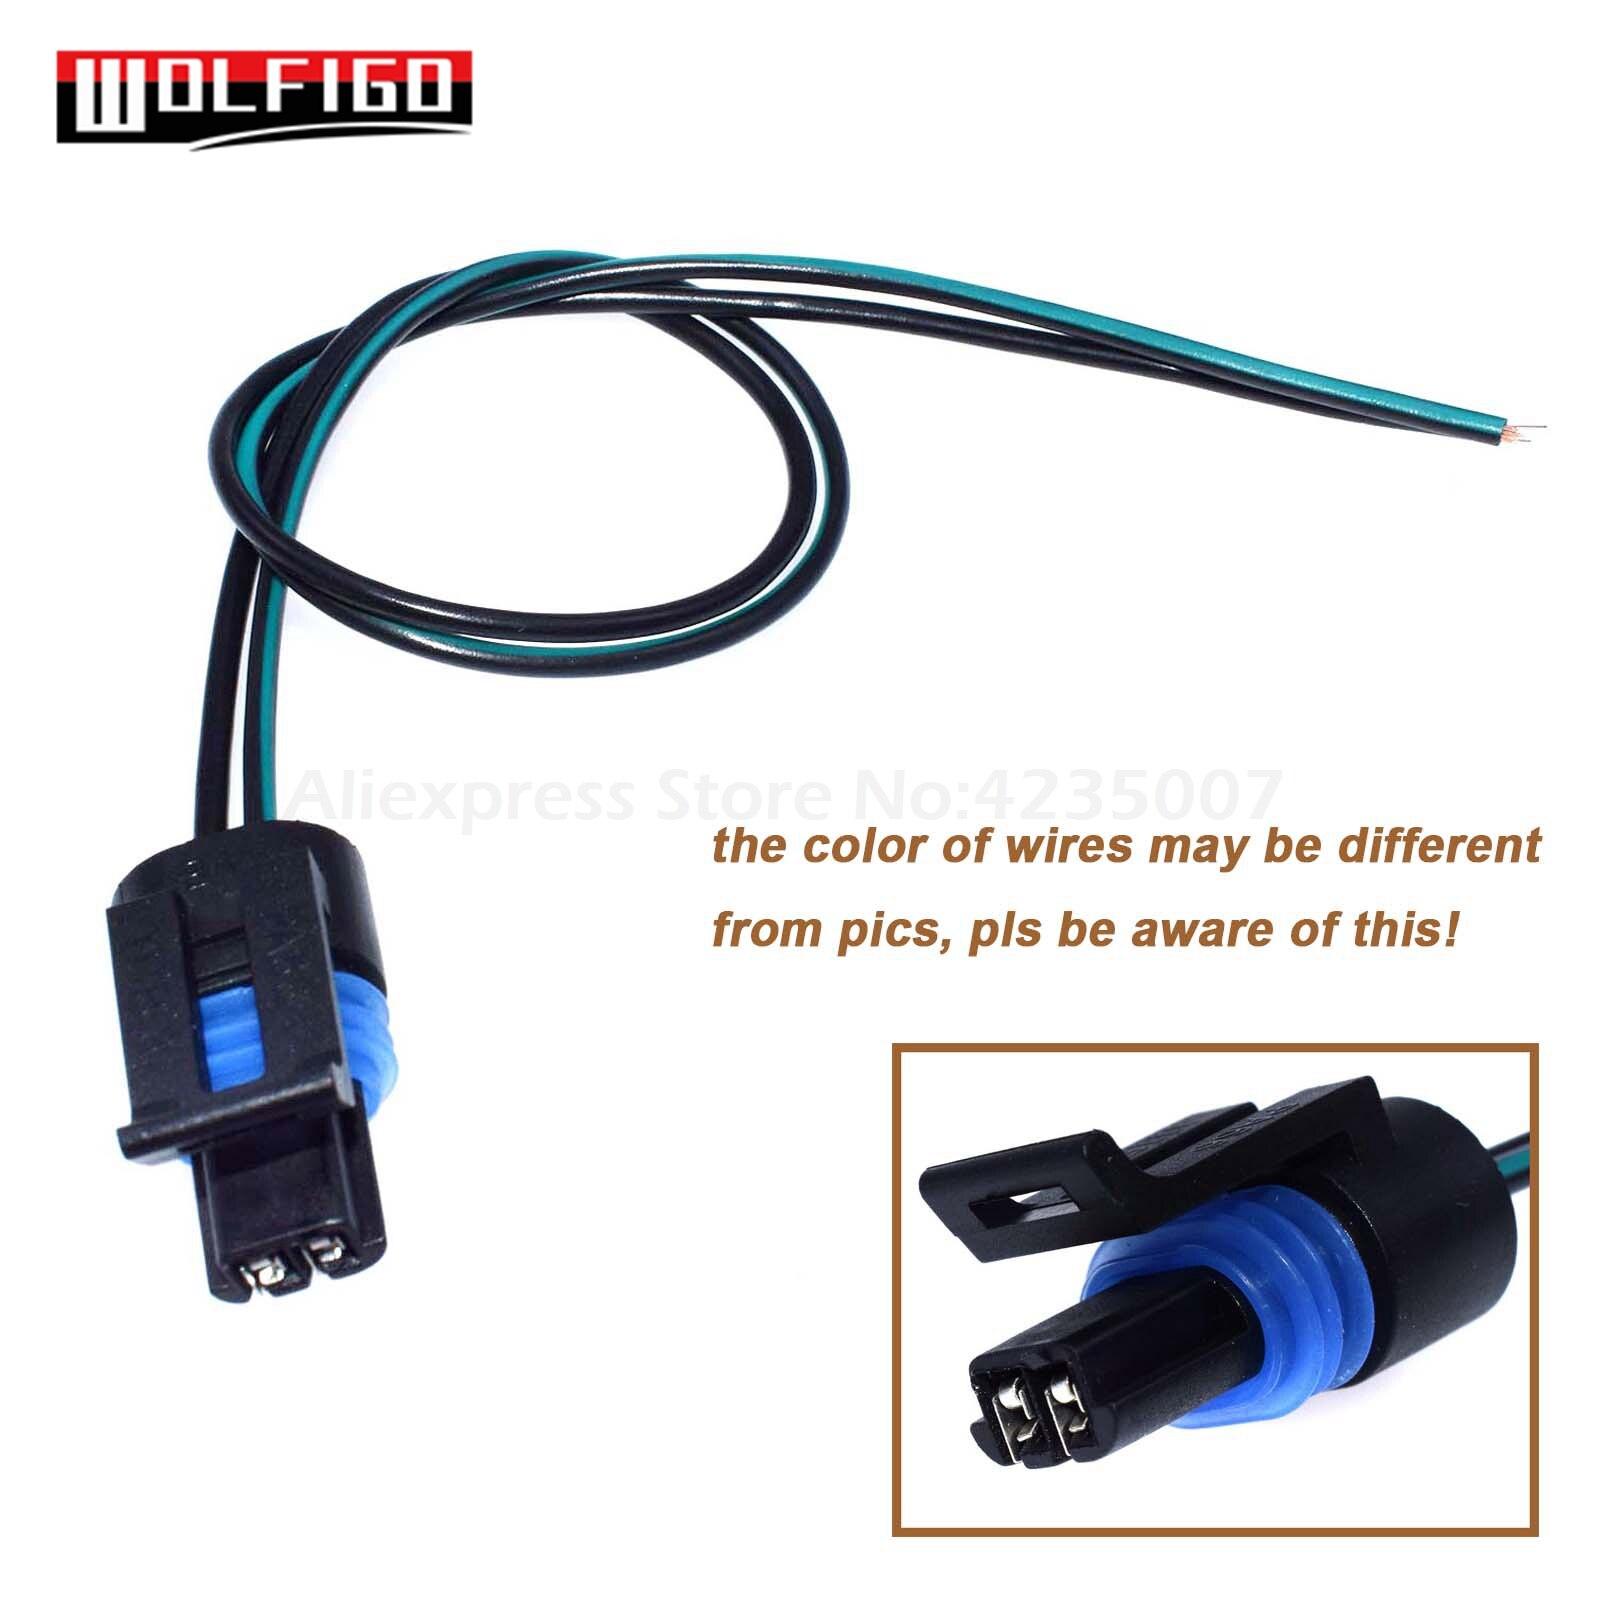 Wolfigo 1/5 pces t56 vss sensor de velocidade 2-way conector fiação trança para G-M lt1 ls1 transmissão pt169, 12046623,12067676